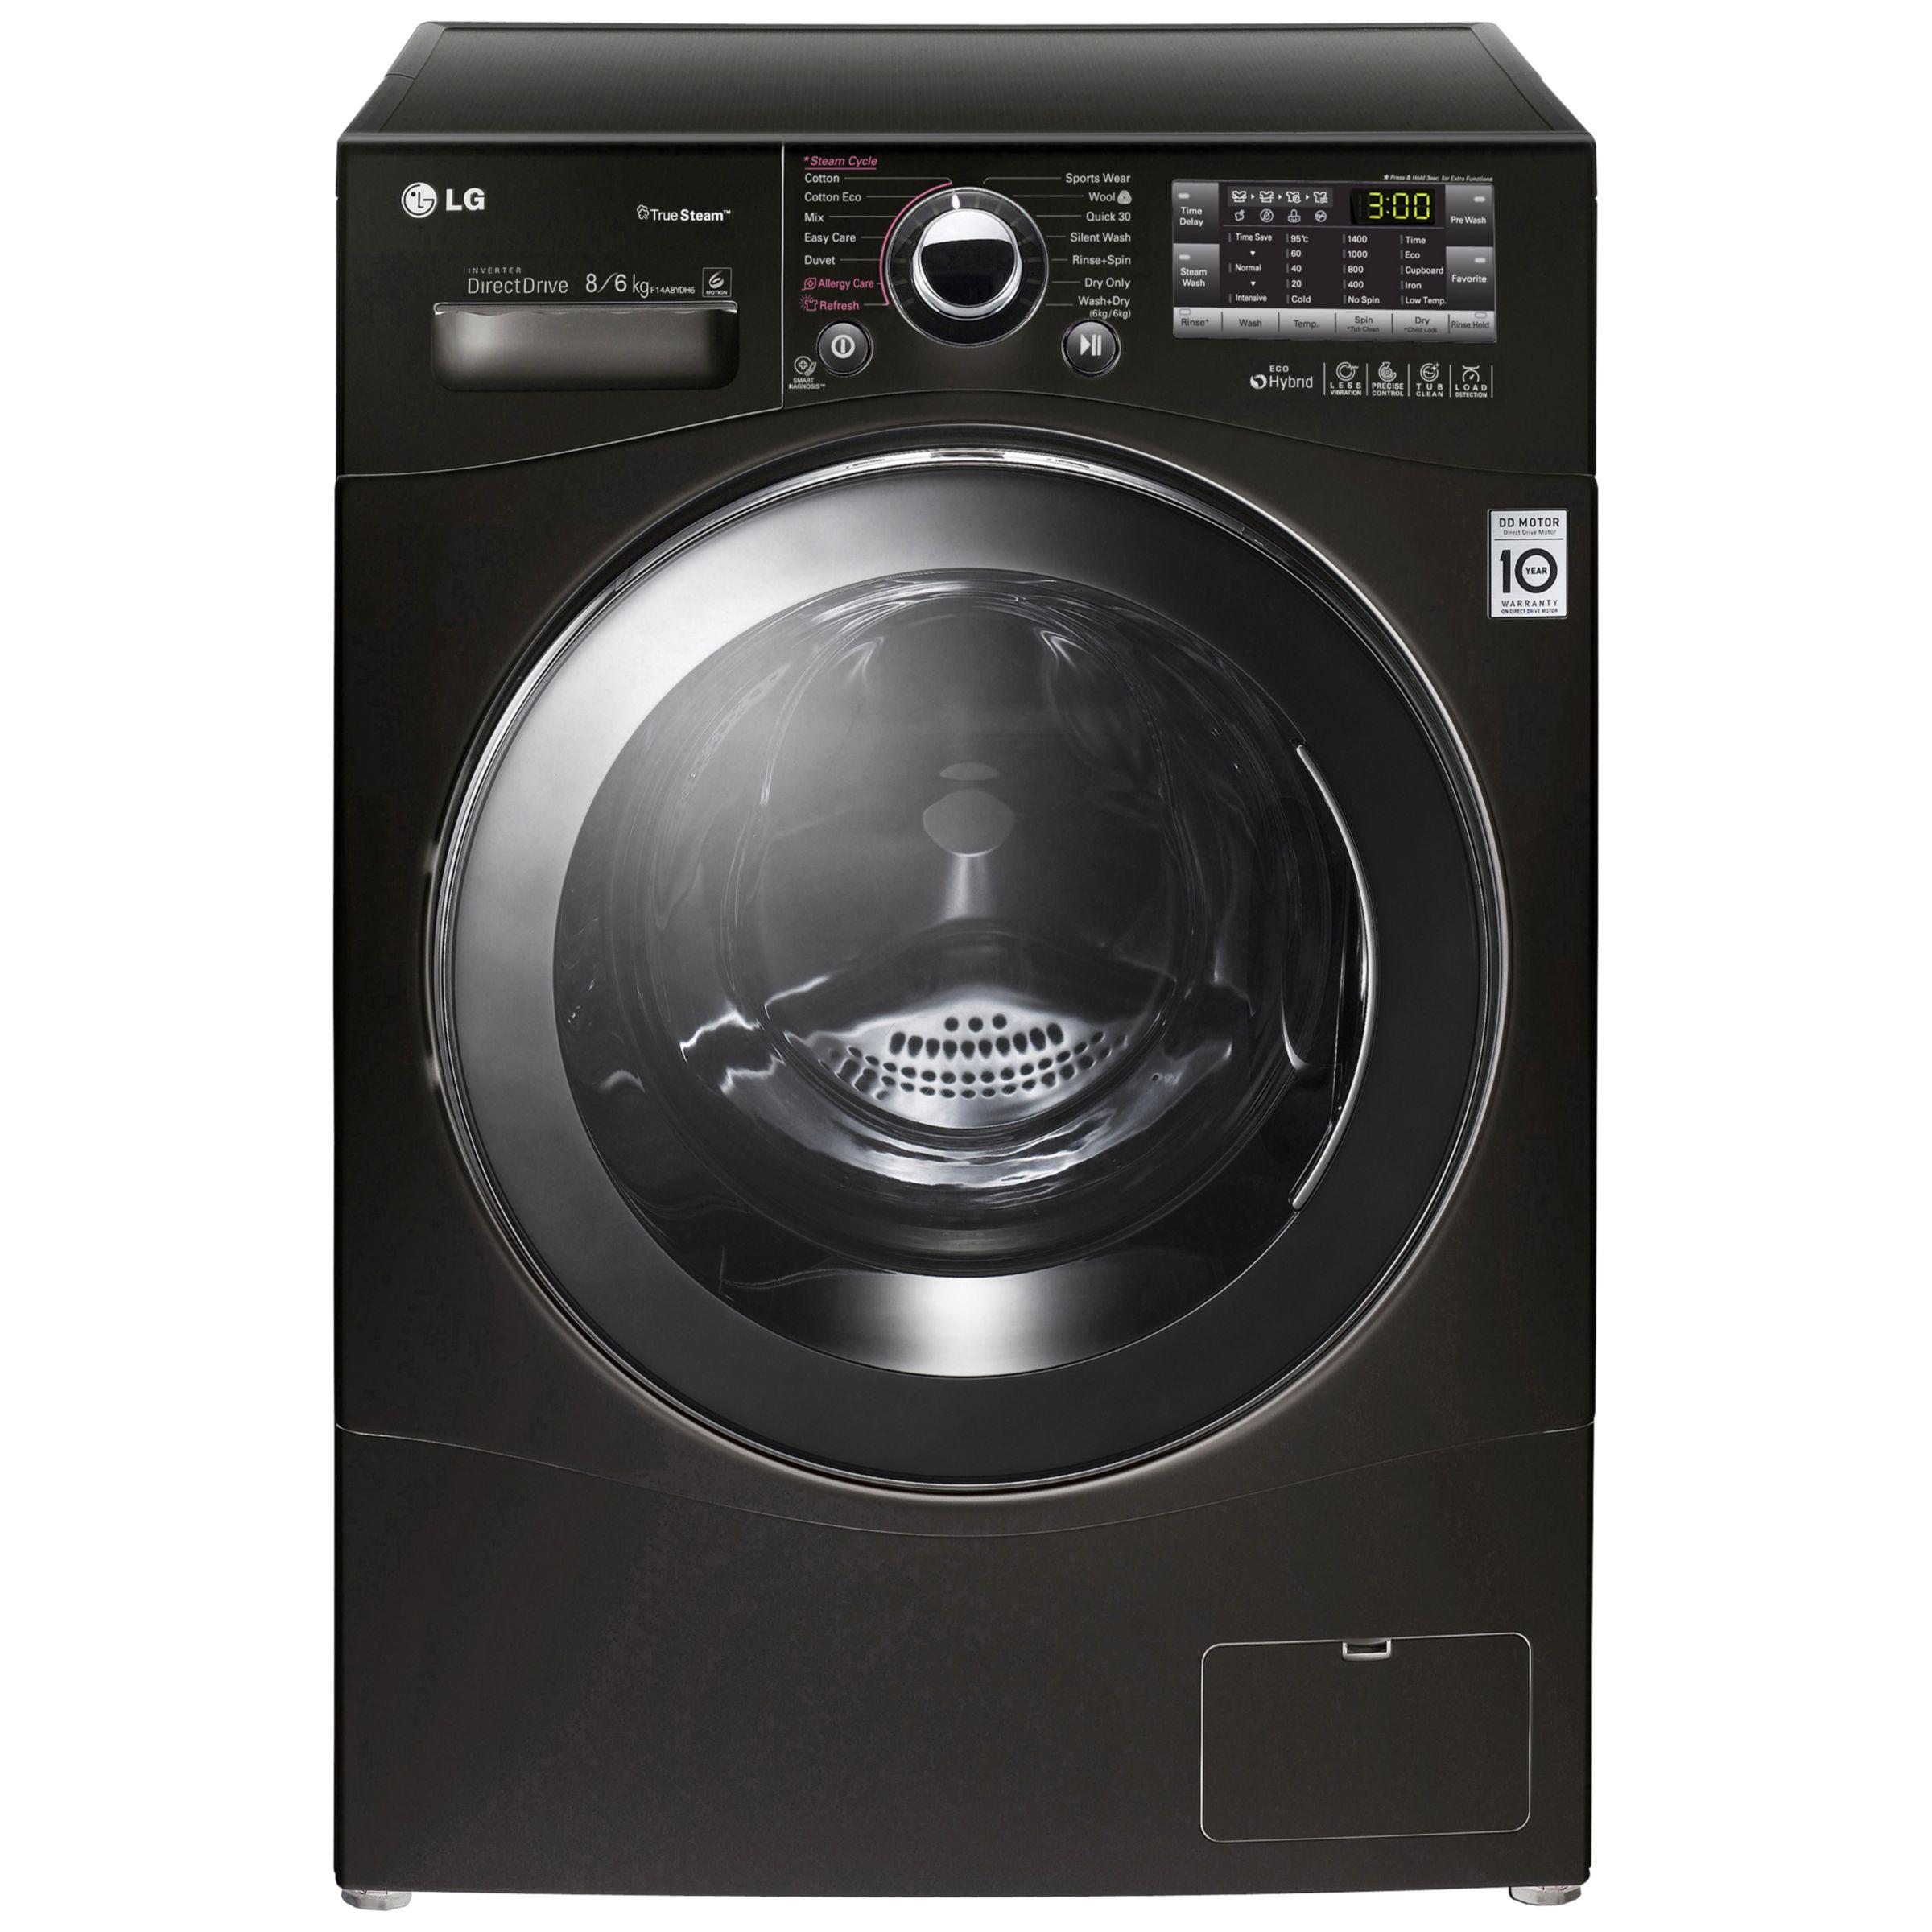 lg f14a8yd washer dryer 8kg wash6kg dry load a energy rating 1400rpm spin black. Black Bedroom Furniture Sets. Home Design Ideas